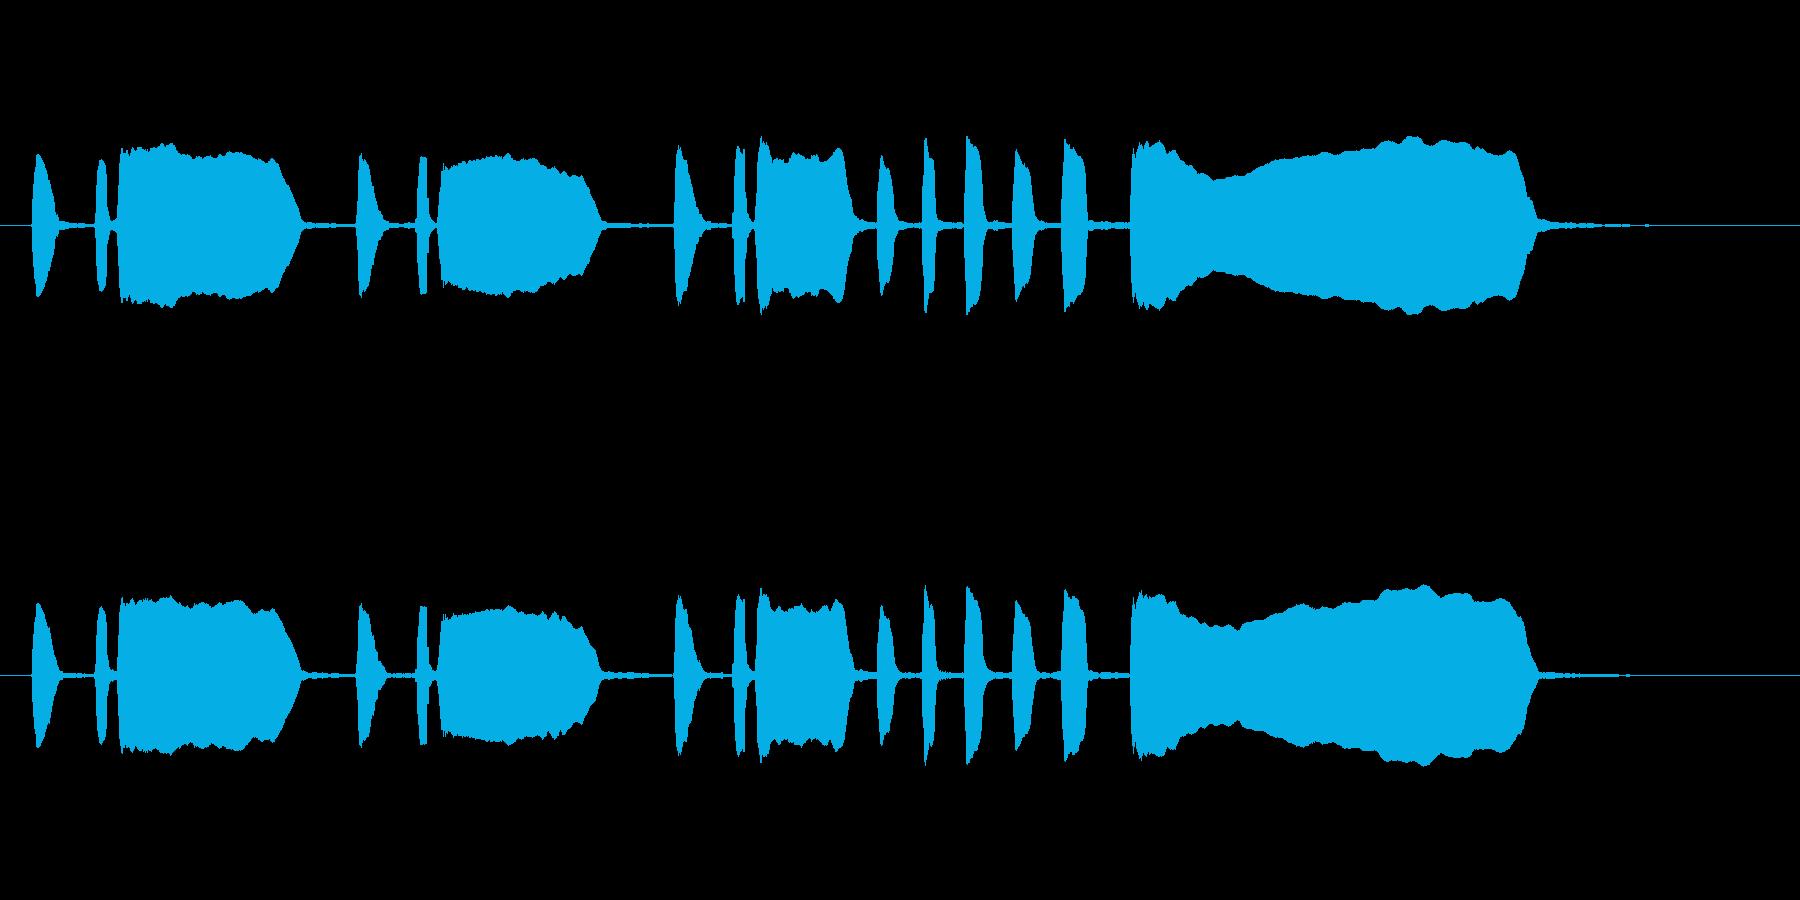 トランペット独奏のファンファーレの再生済みの波形